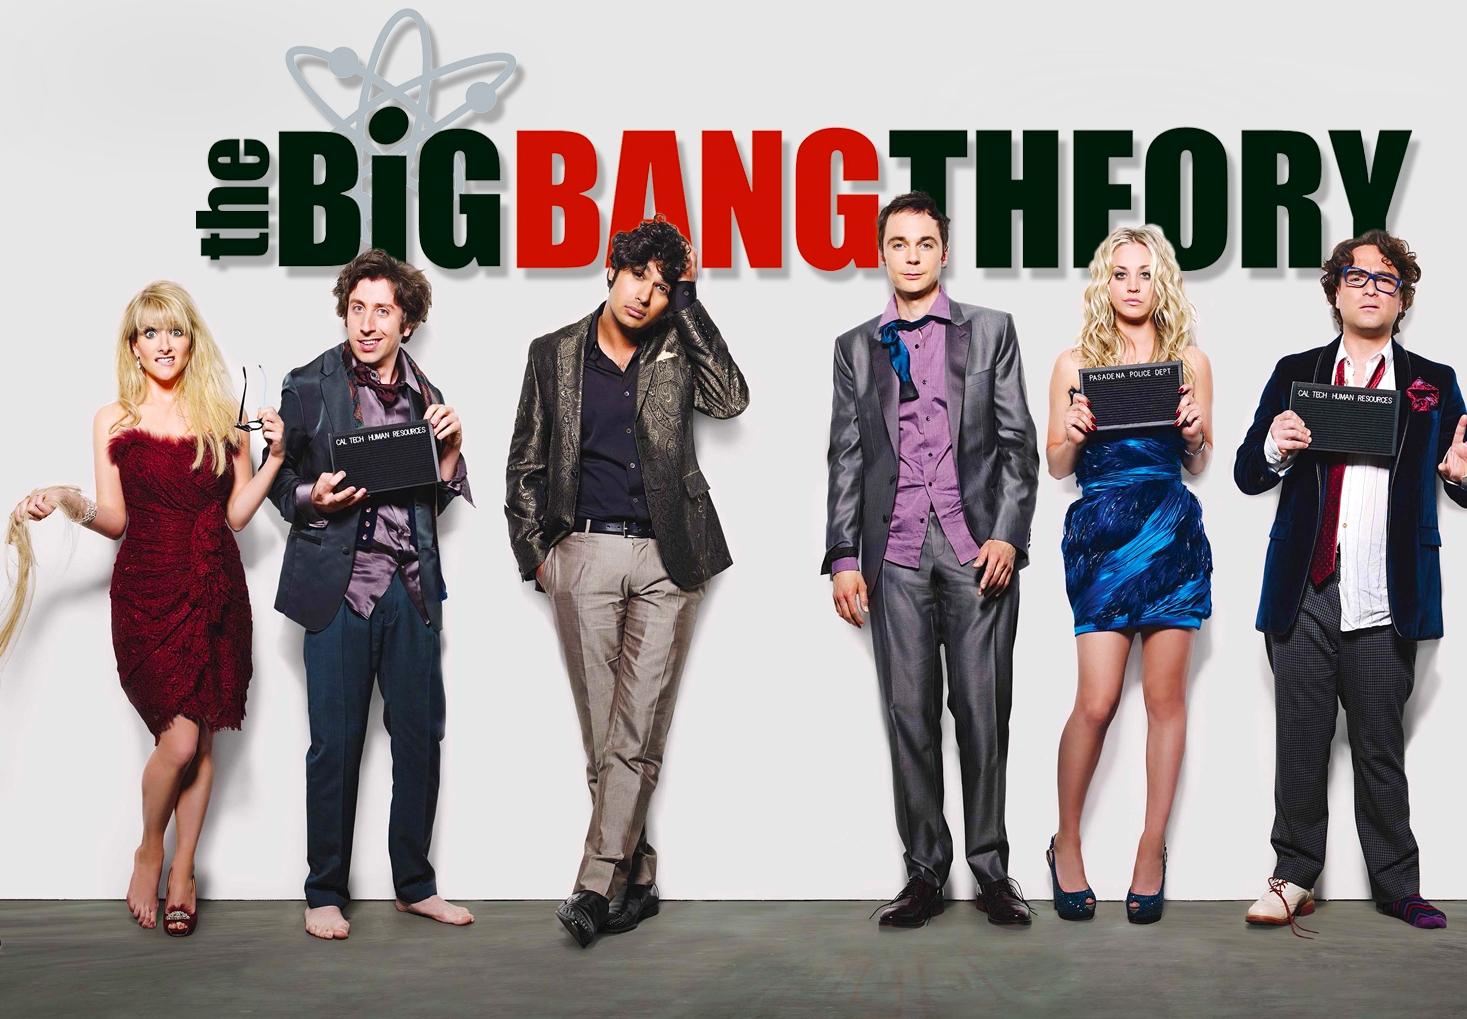 теория большого взрыва 10 сезон сериалы осени 2016 Еще одну серию: самые ожидаемые сериалы осени